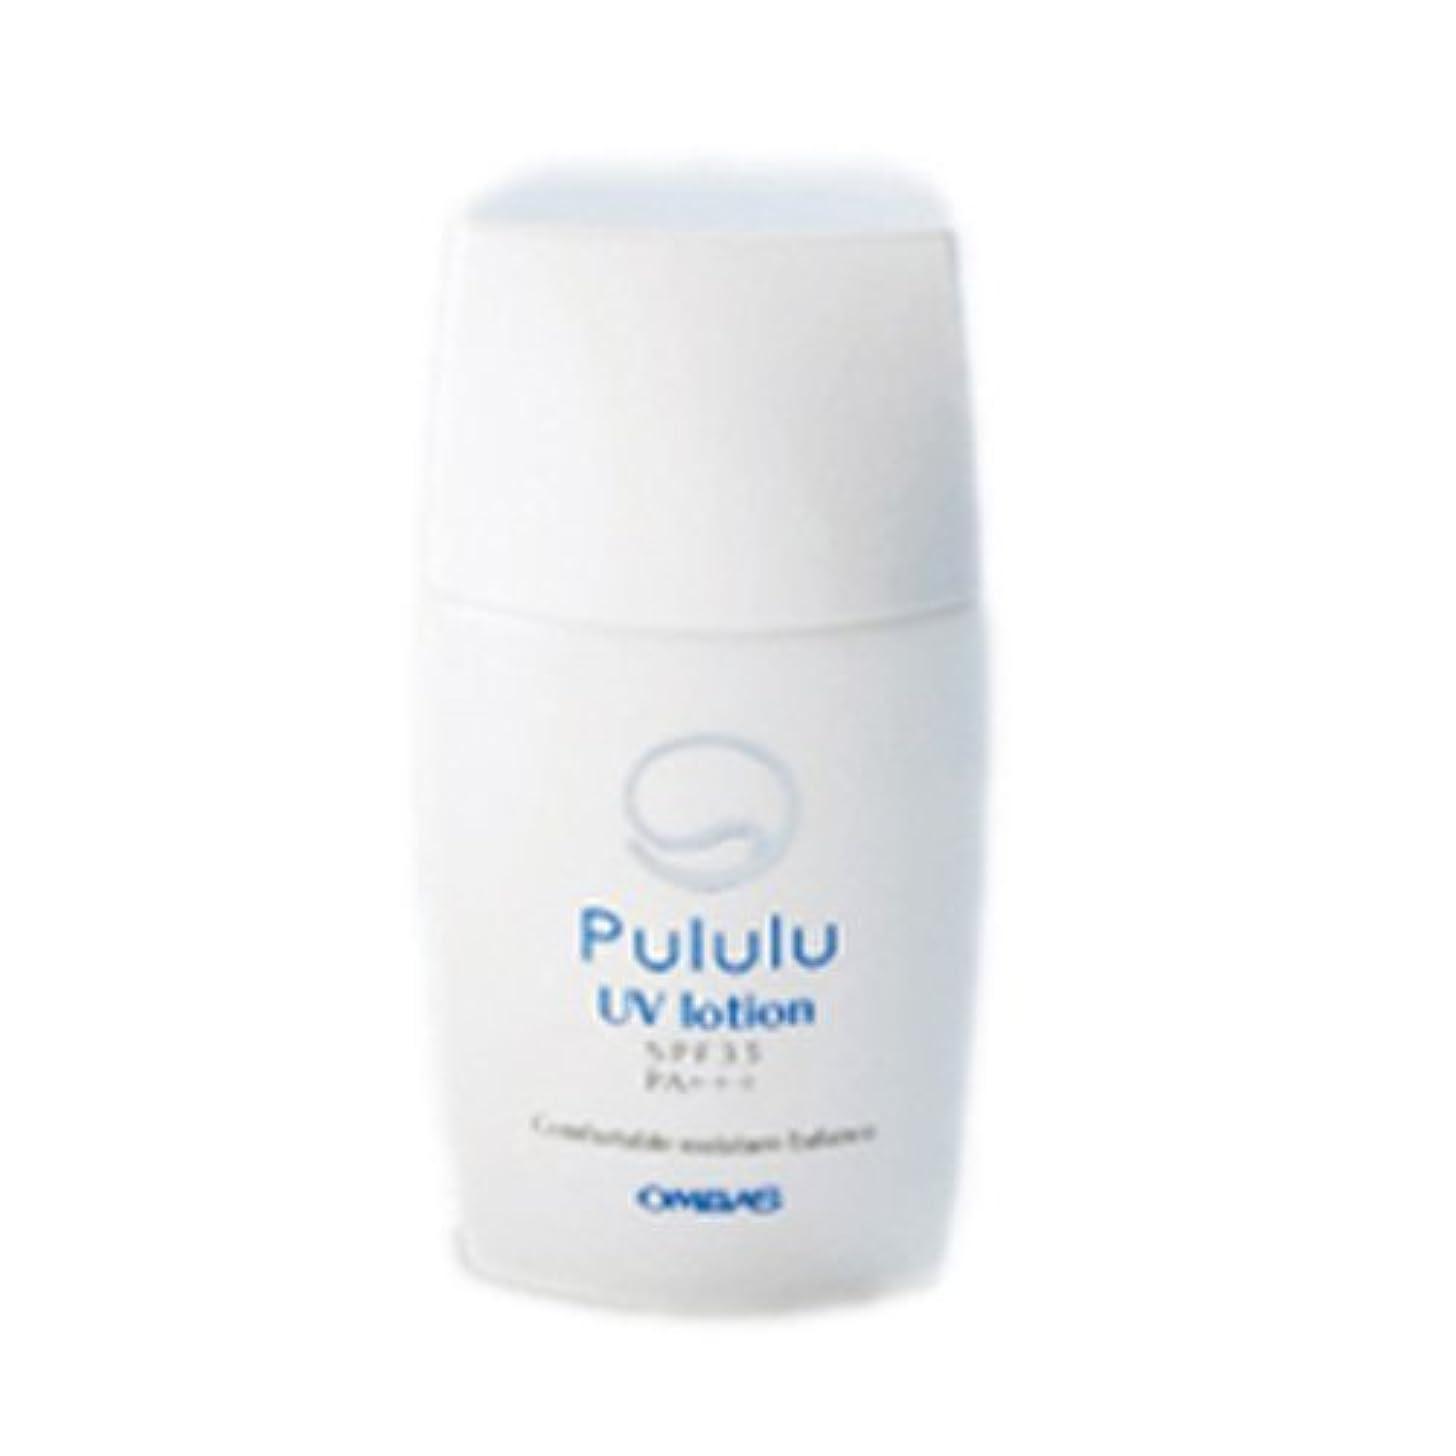 個人的なスペシャリスト外交問題Pululu シリーズ Pululu UVローション